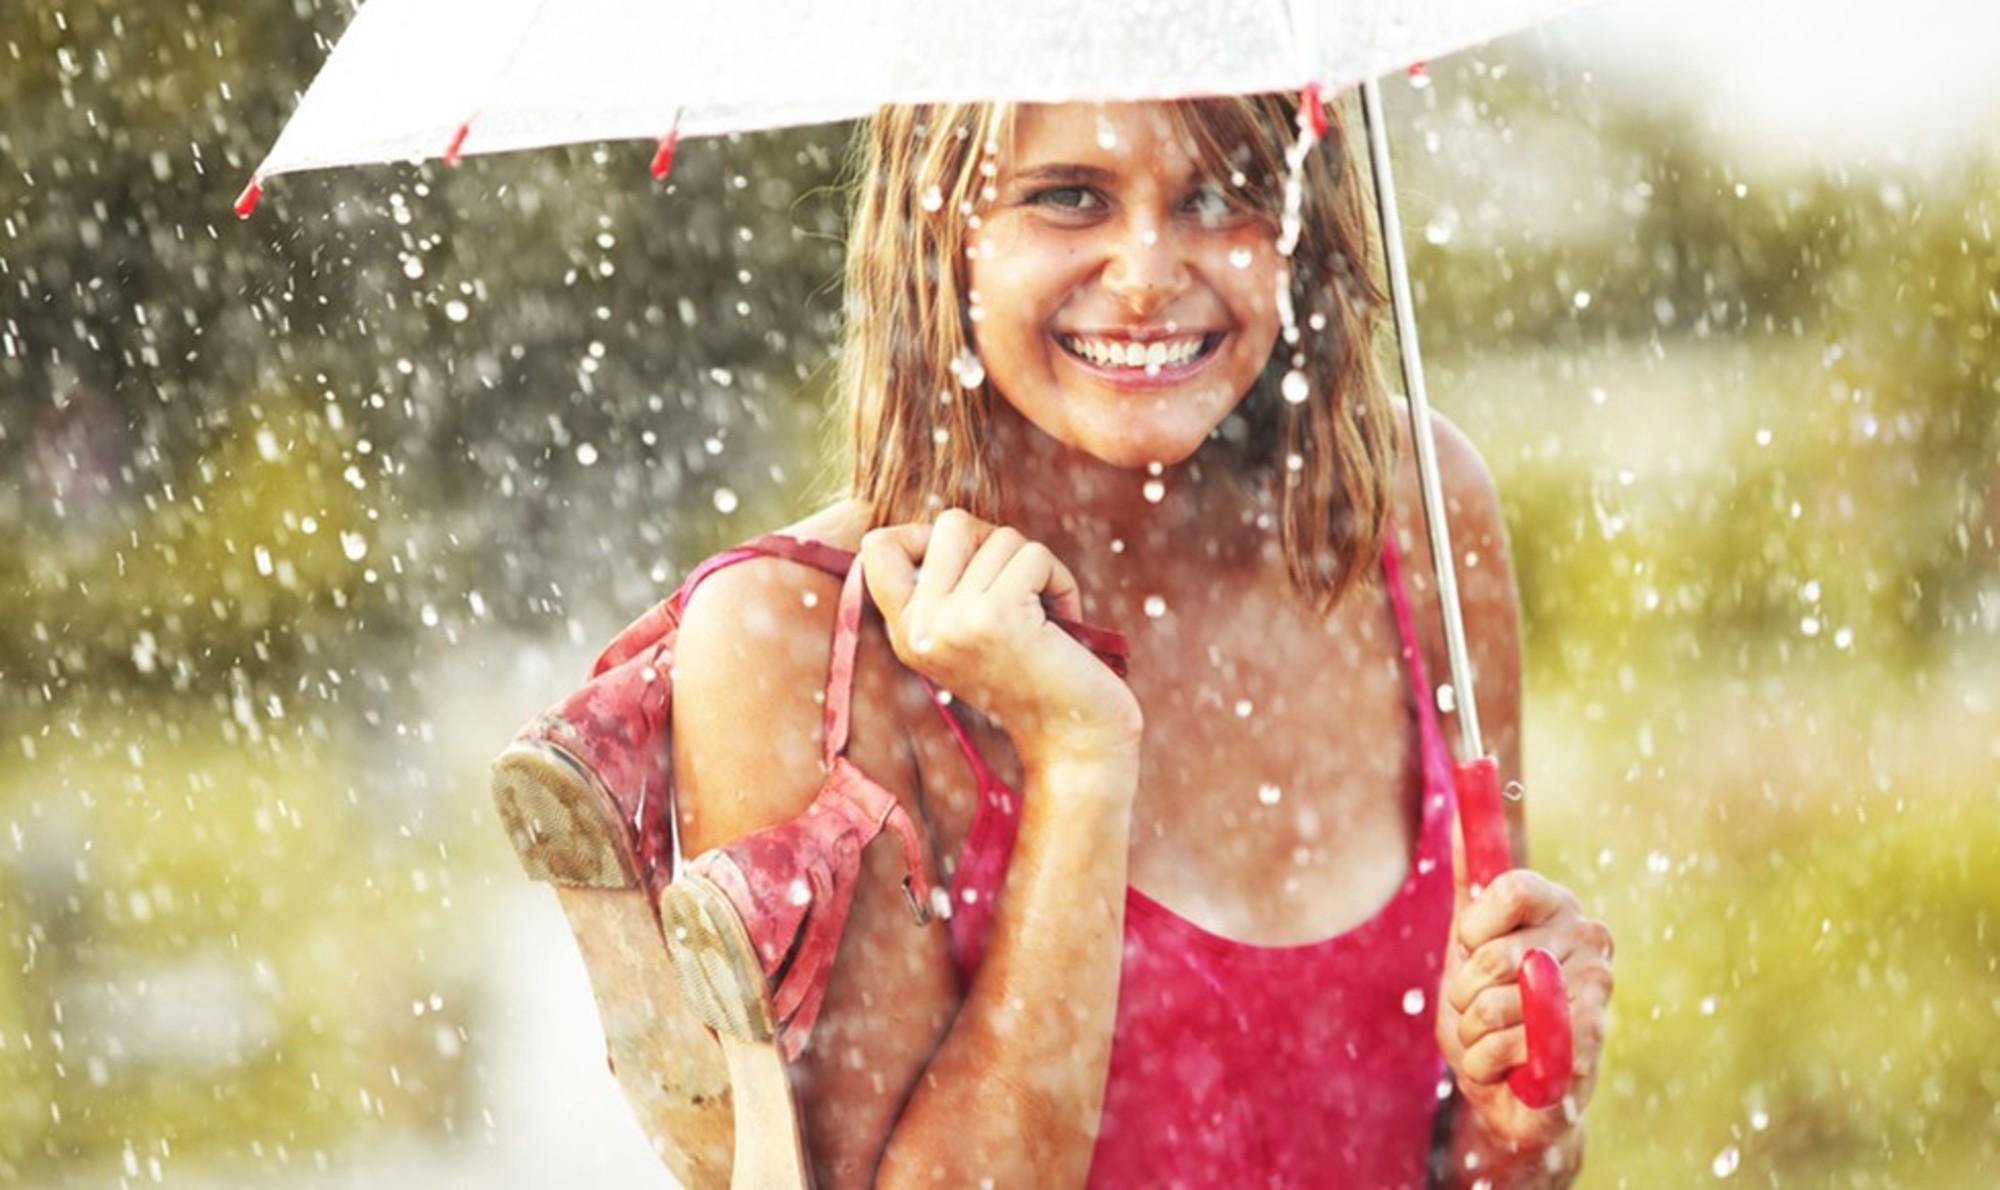 всем картинки дождь счастье это устройство, удерживающее